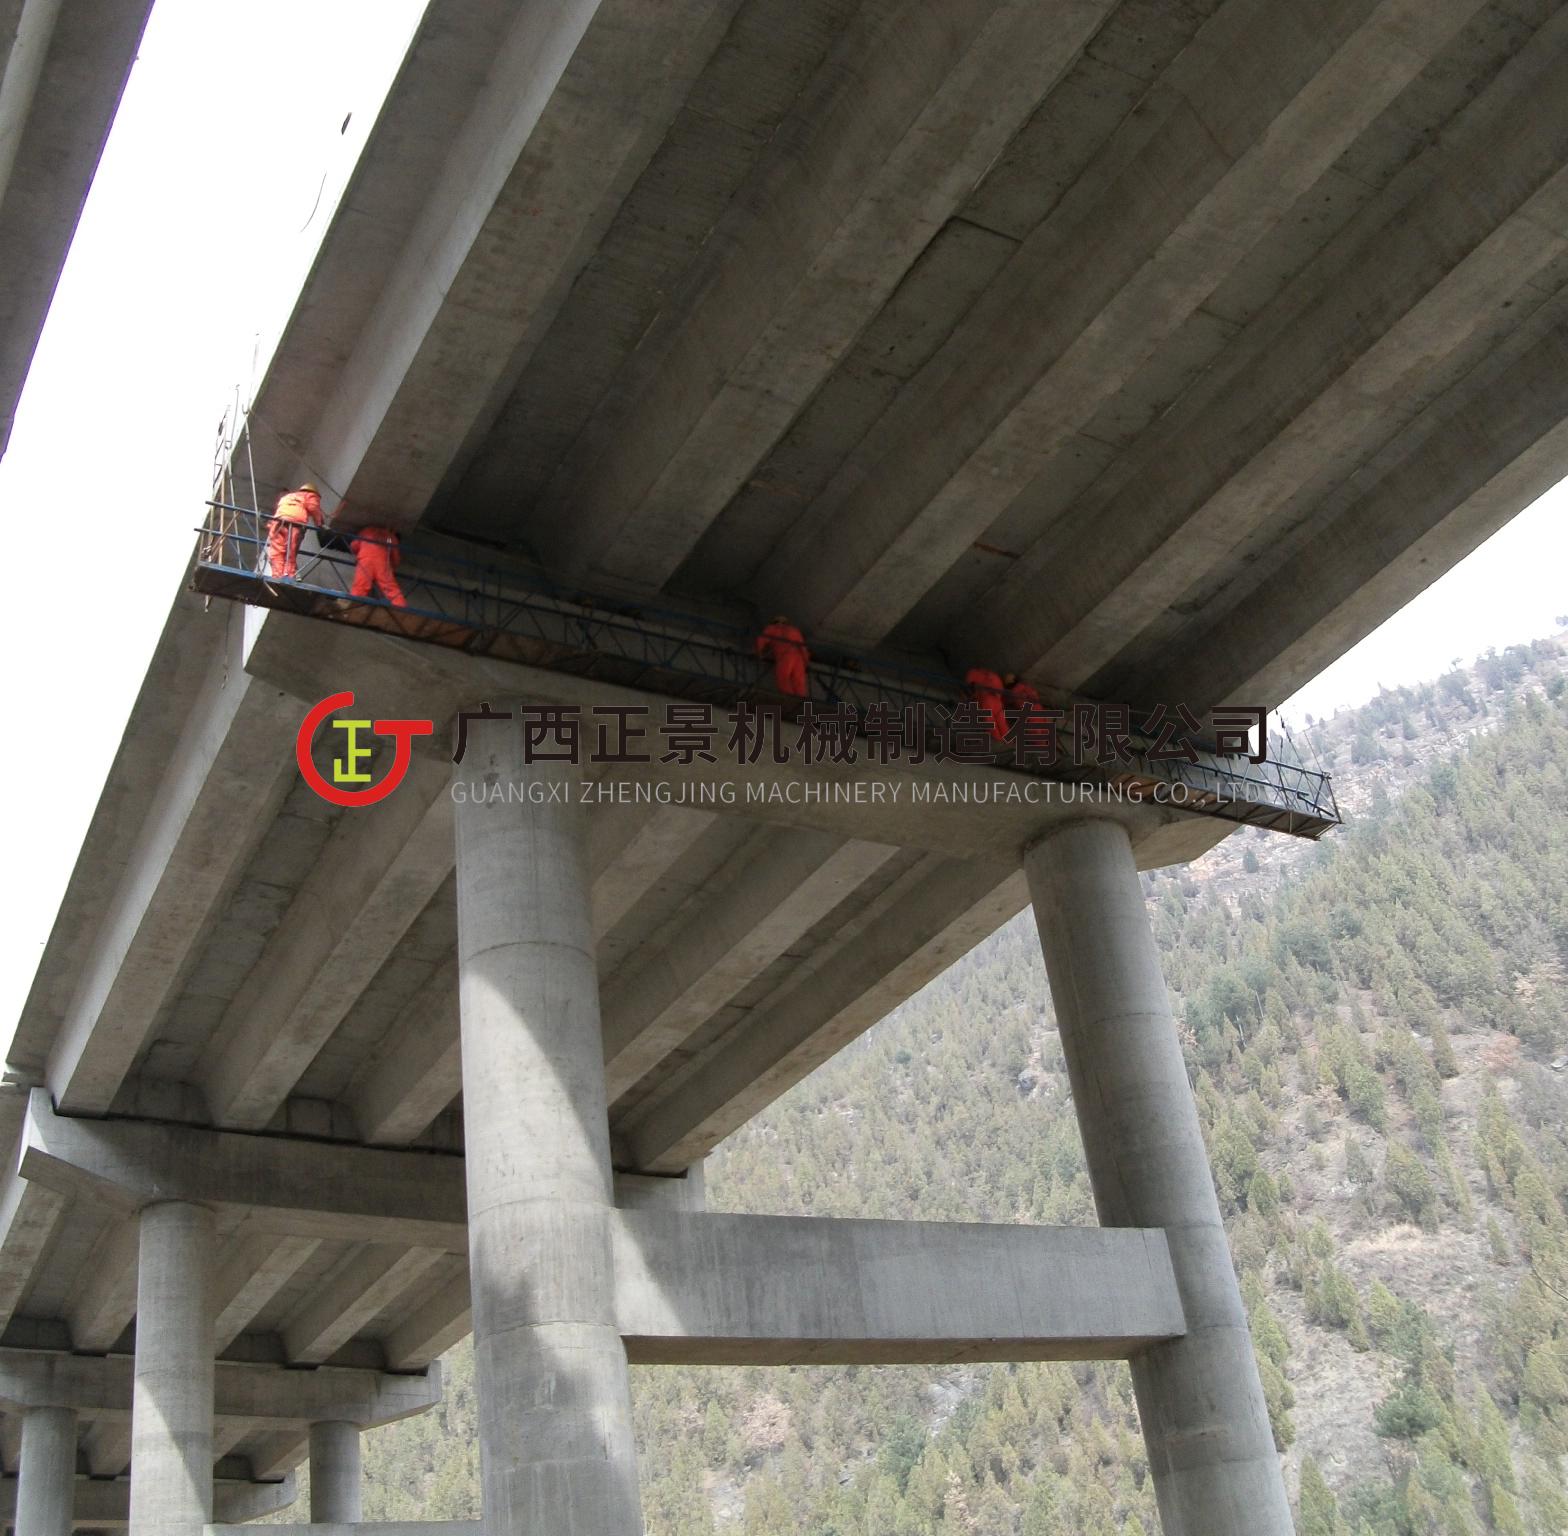 桥梁检测车04.jpg